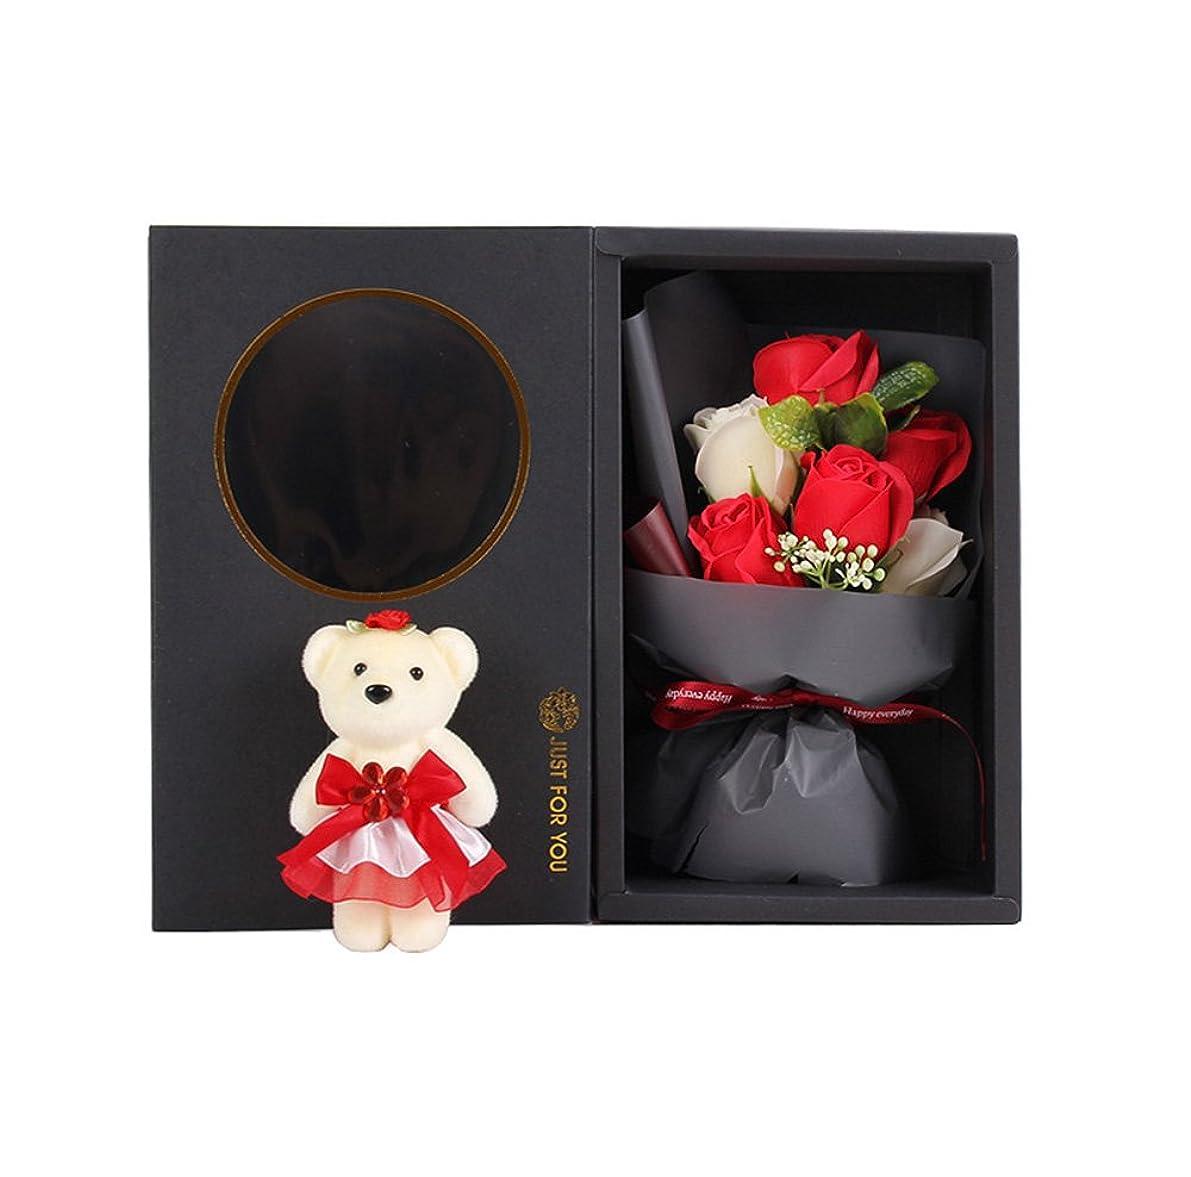 スパンテーブルを設定する飾り羽Arbeflo 造花 バラ可愛い熊の人形付け 結婚花束 プレゼント ギフト 贈り物 お誕生日 告白 母の日 結婚祝い 出産祝い (レッド)